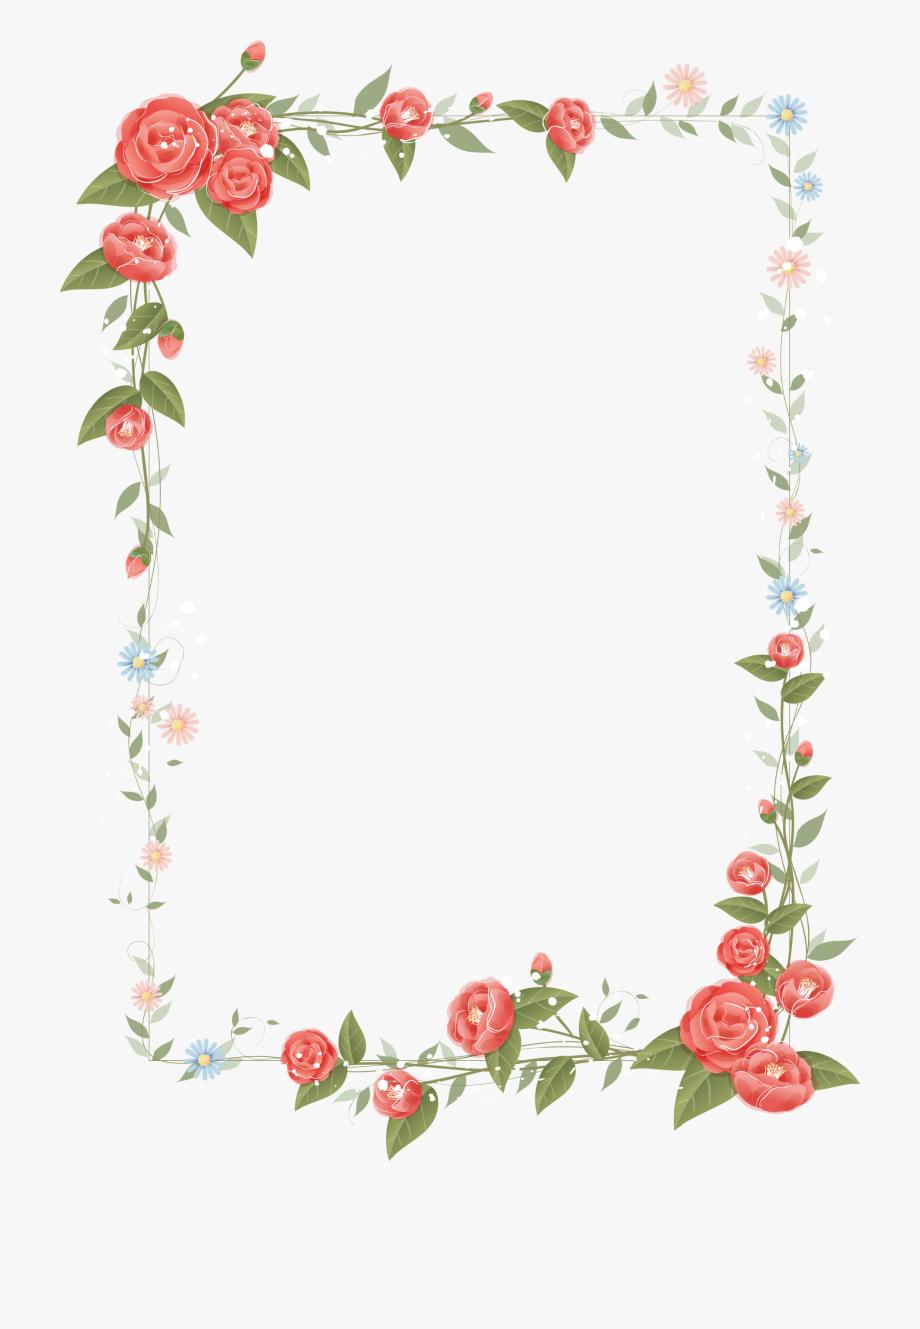 Rose frame design floral. Frames clipart flower